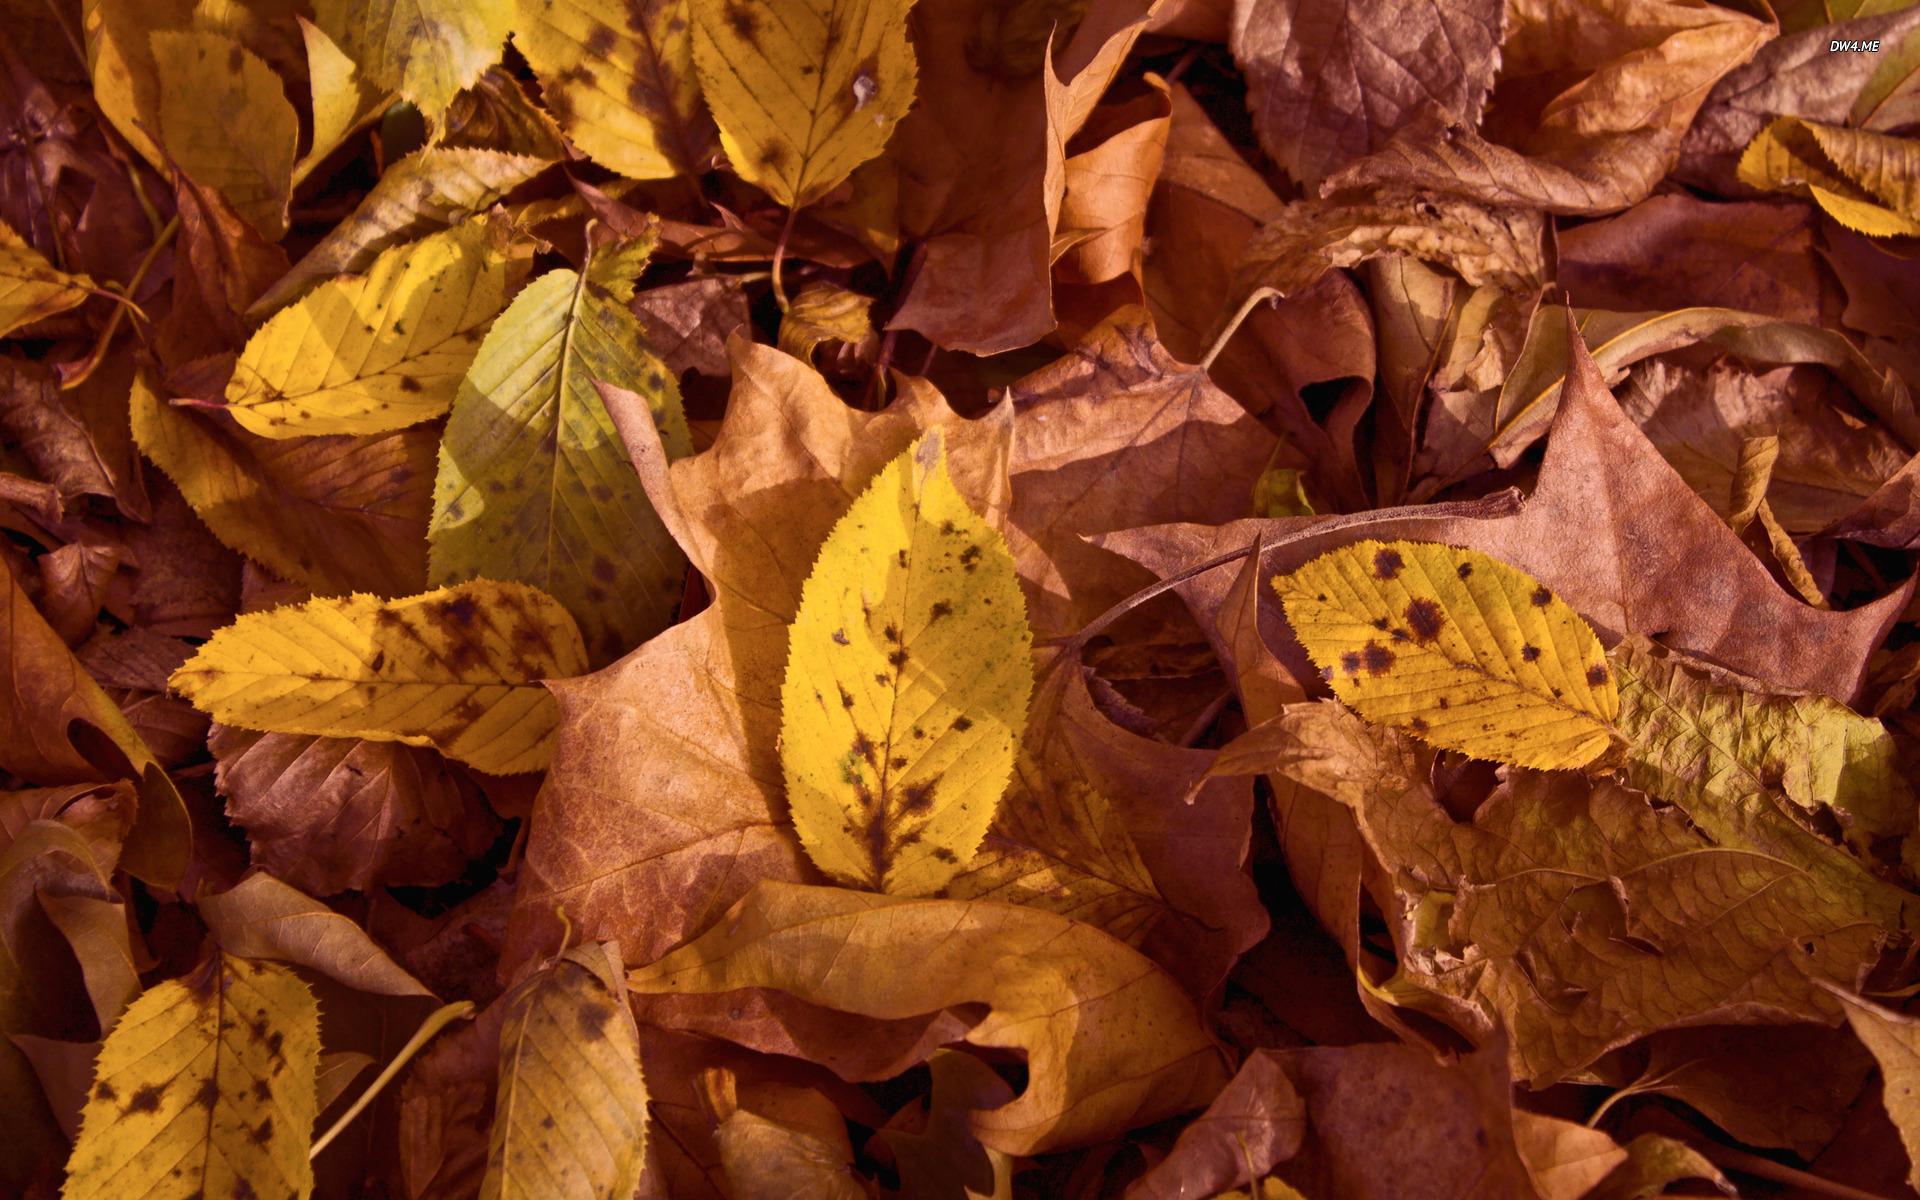 Autumn Country Desktop Wallpaper wallpaper wallpaper hd background 1920x1200